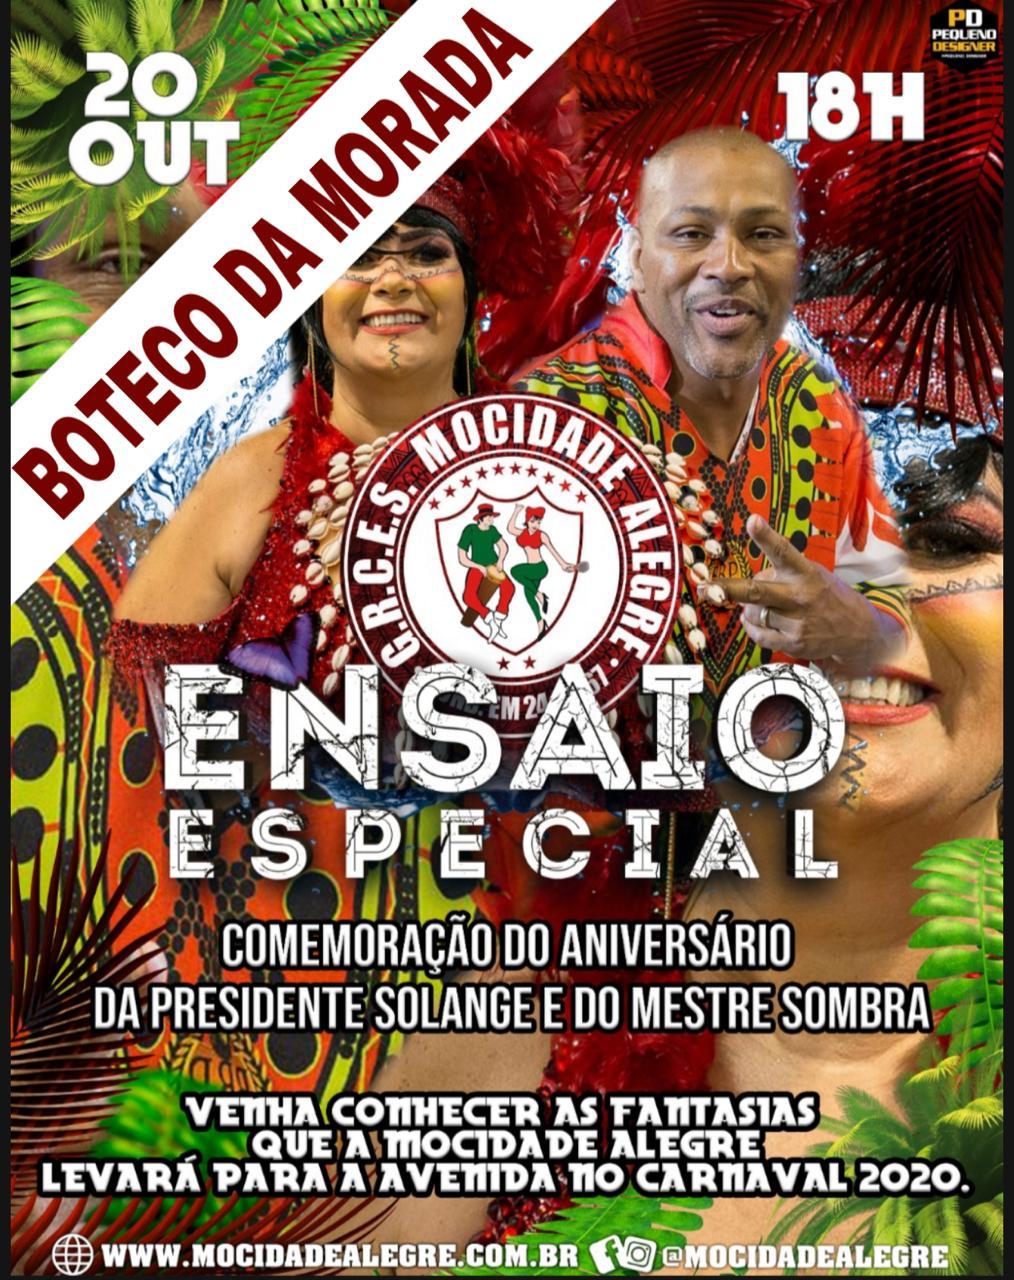 BOTECO - 20-10 - ENSAIO CARNAVAL 2020  - Mocidade Alegre